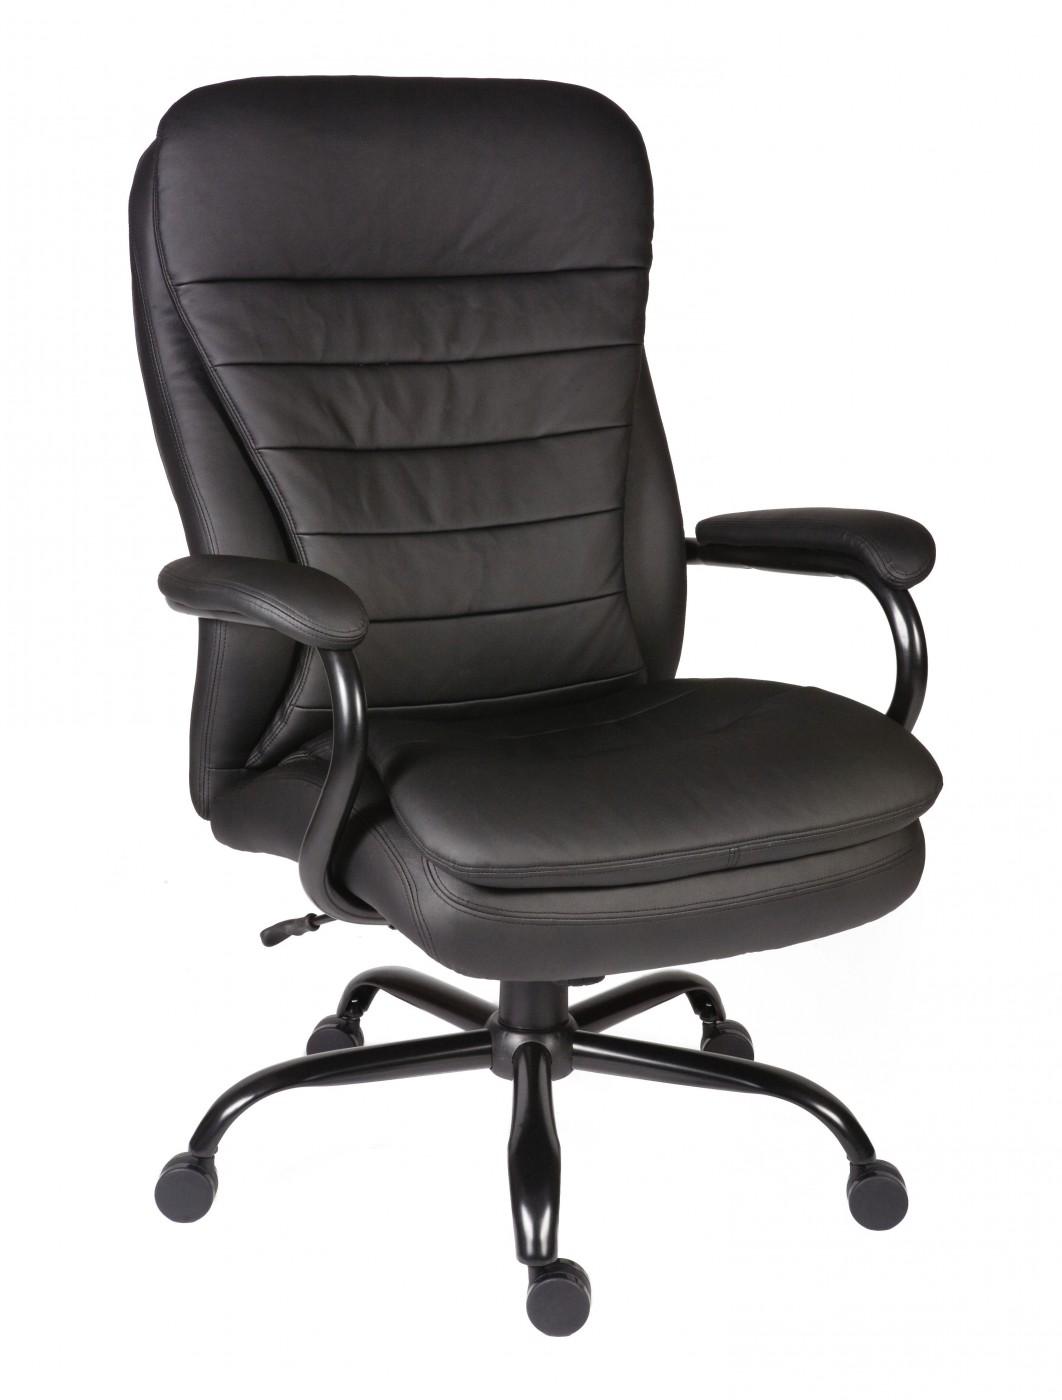 Goliath Heavy Duty Chair Leather Effect Chair B991